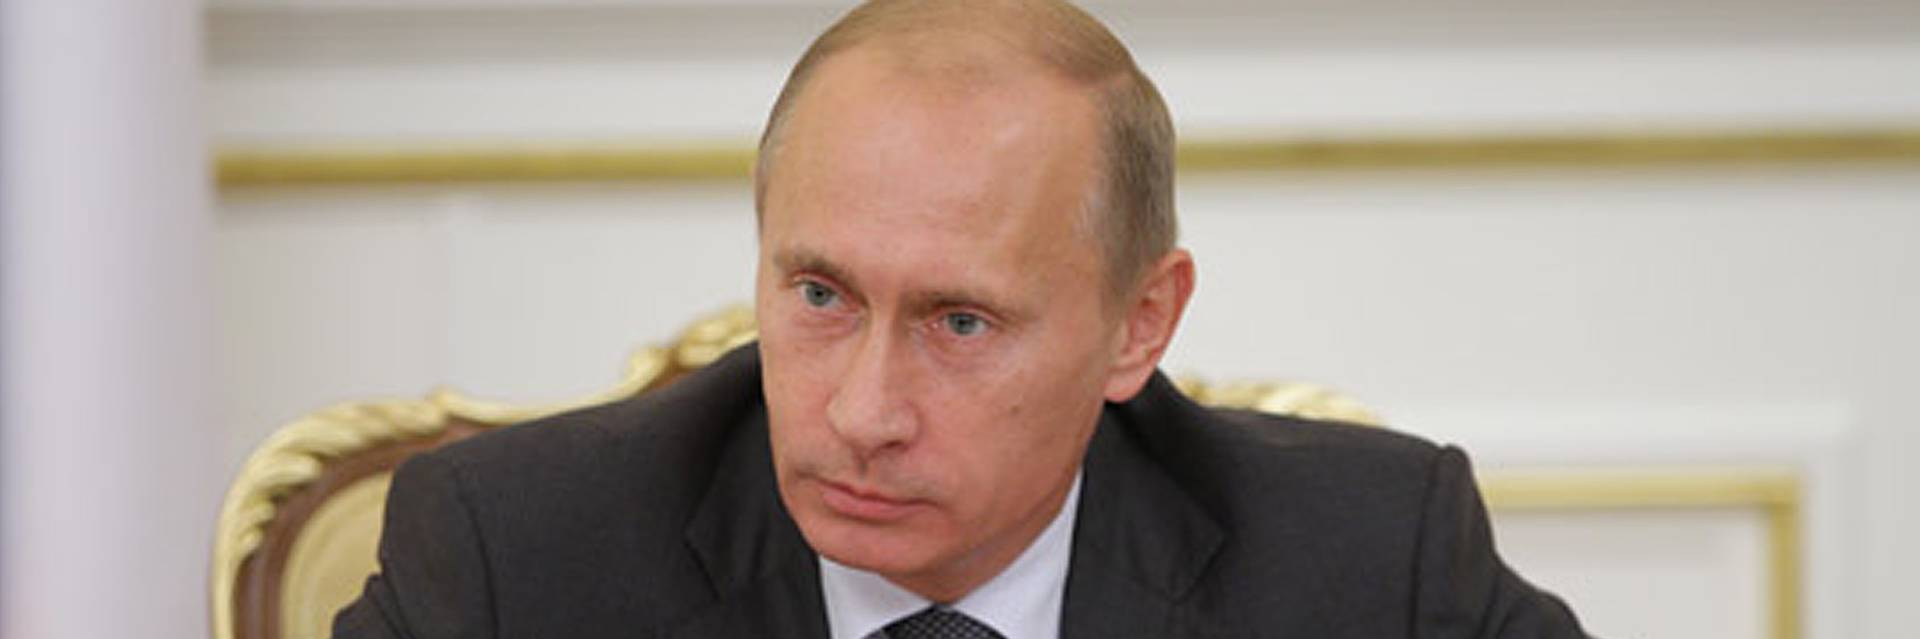 EUROPSKE SANKCIJE Putin u Italiji traži znakove neslaganja s europskom politikom prema Rusiji